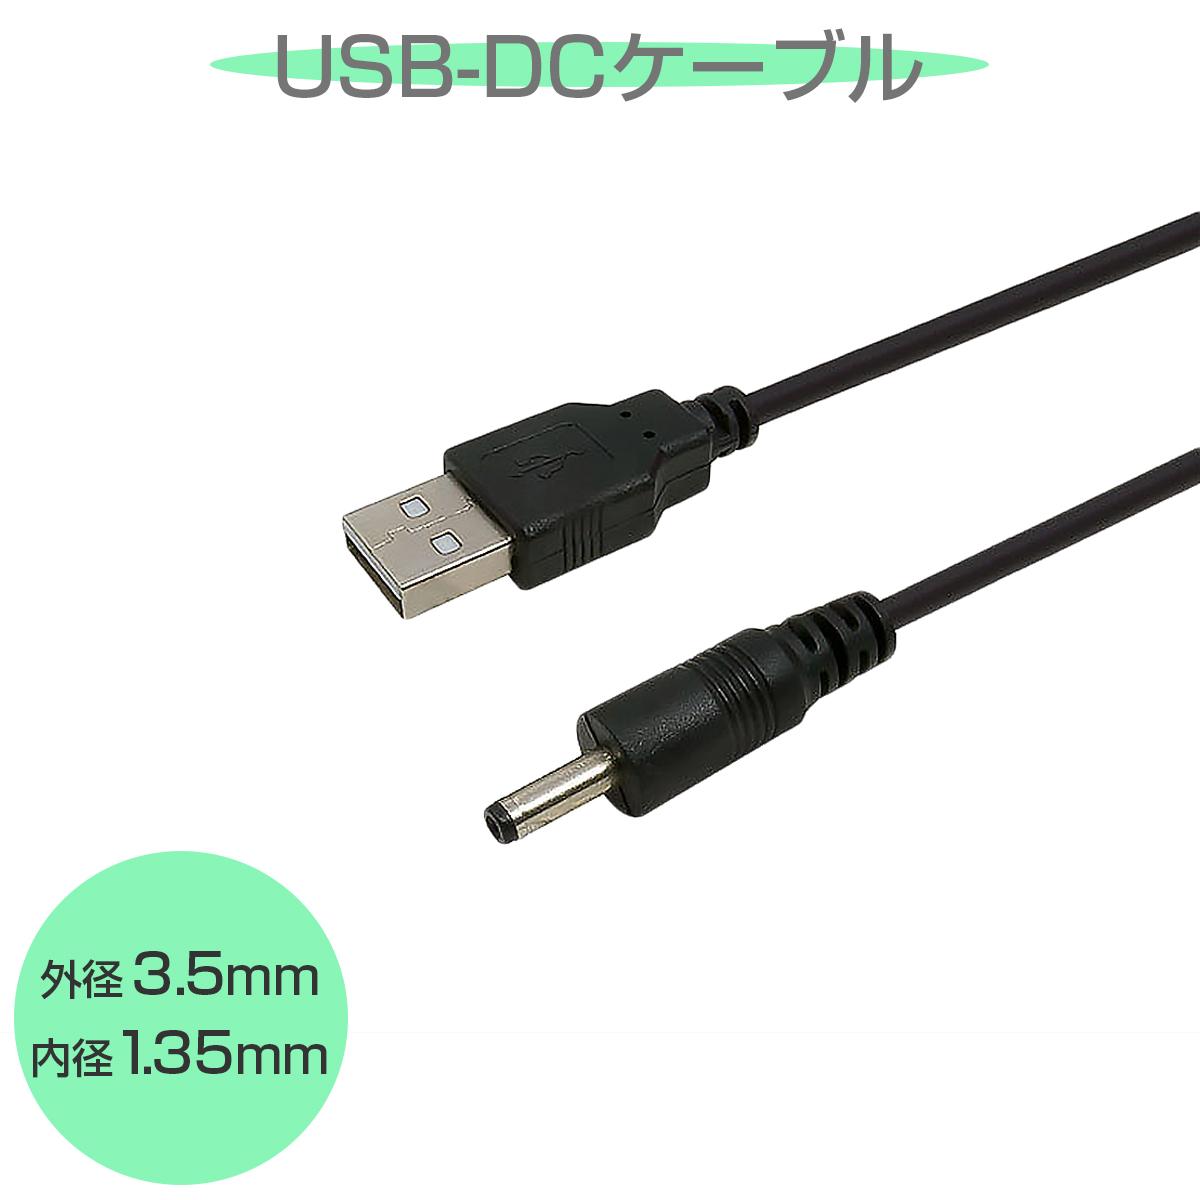 USB DC電源供給ケーブル 2本セット 電源ケーブル USB→DC 外径3.5mm 内径1.35mm 白色 IPカメラ NVR ドライブレコーダー ミニスピーカー 1m SDM便送料無料 1ヶ月保証 K&M